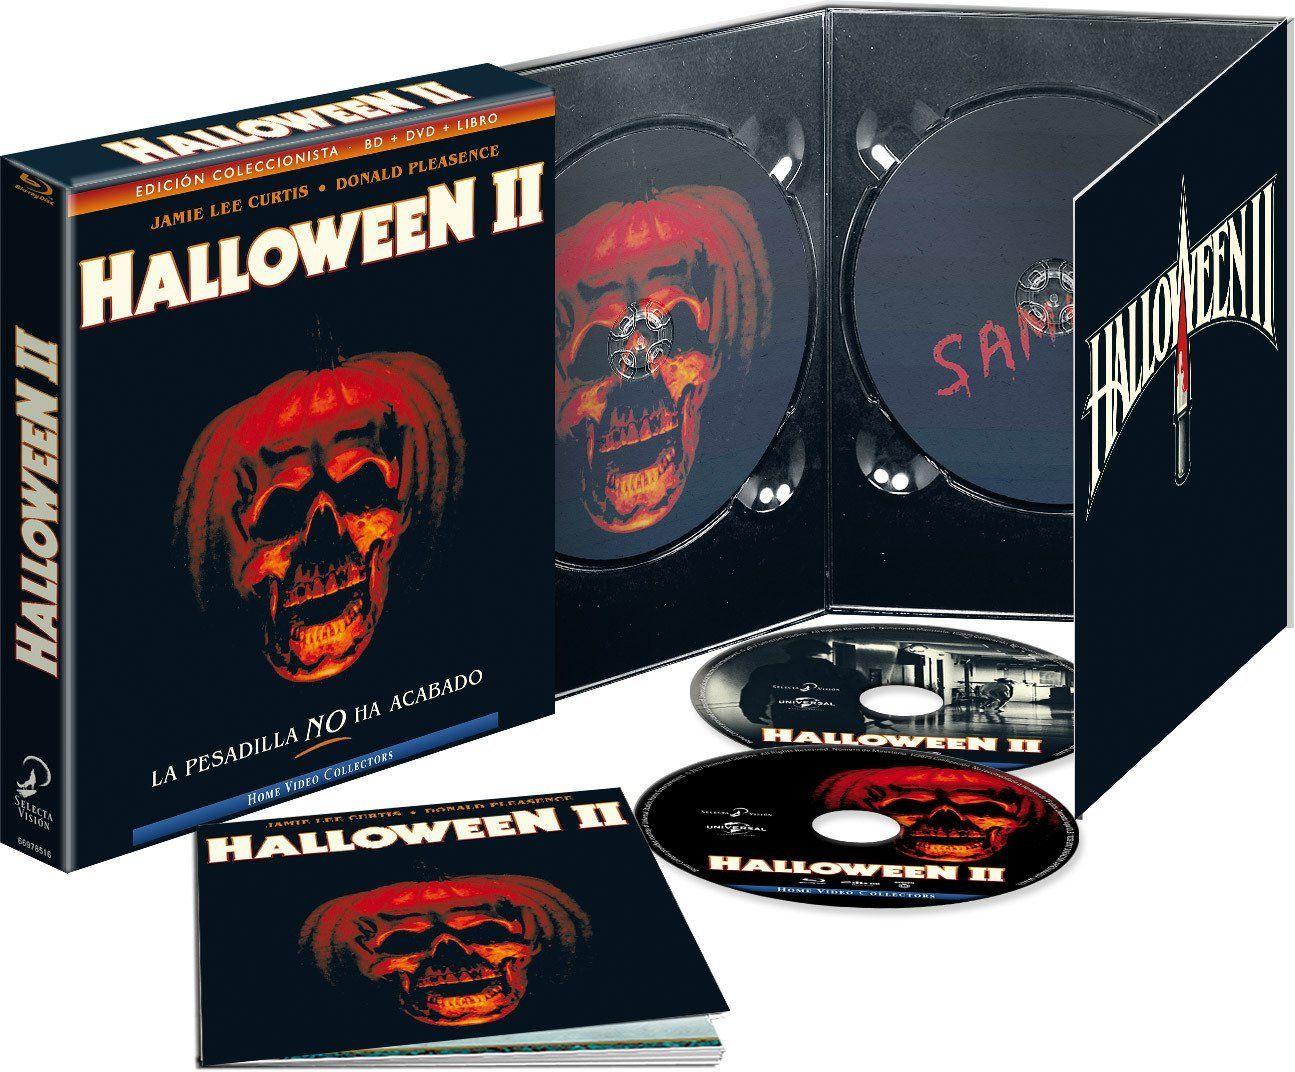 jamie lee curtis in halloween 2 blu-ray box set release | american